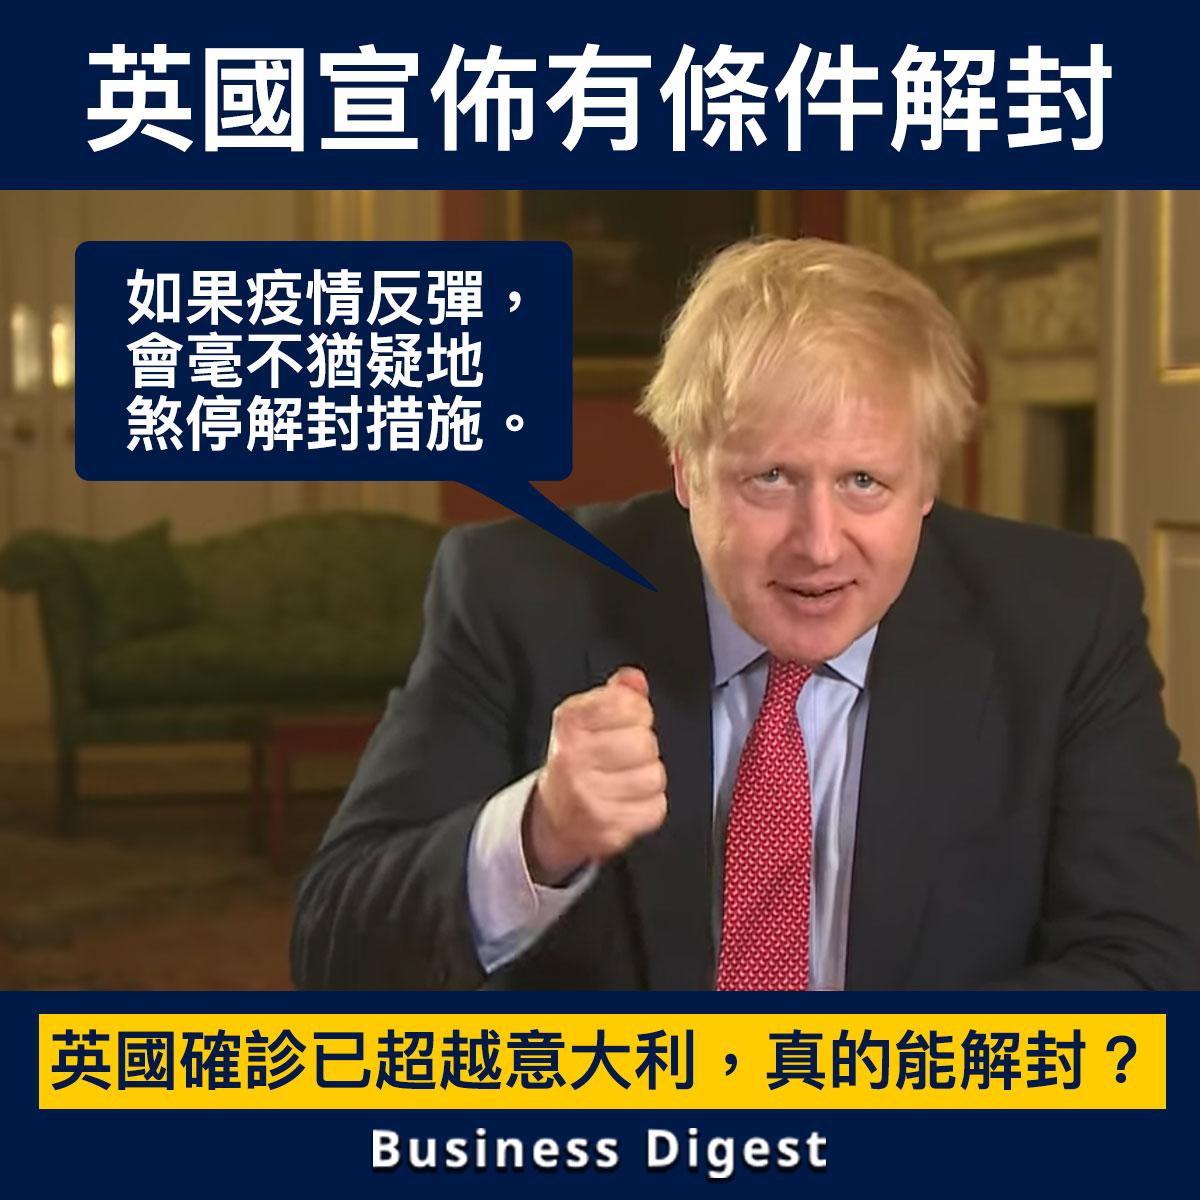 【商業熱話】英國宣佈有條件解封!約翰遜:「如果疫情反彈就煞停解封。」